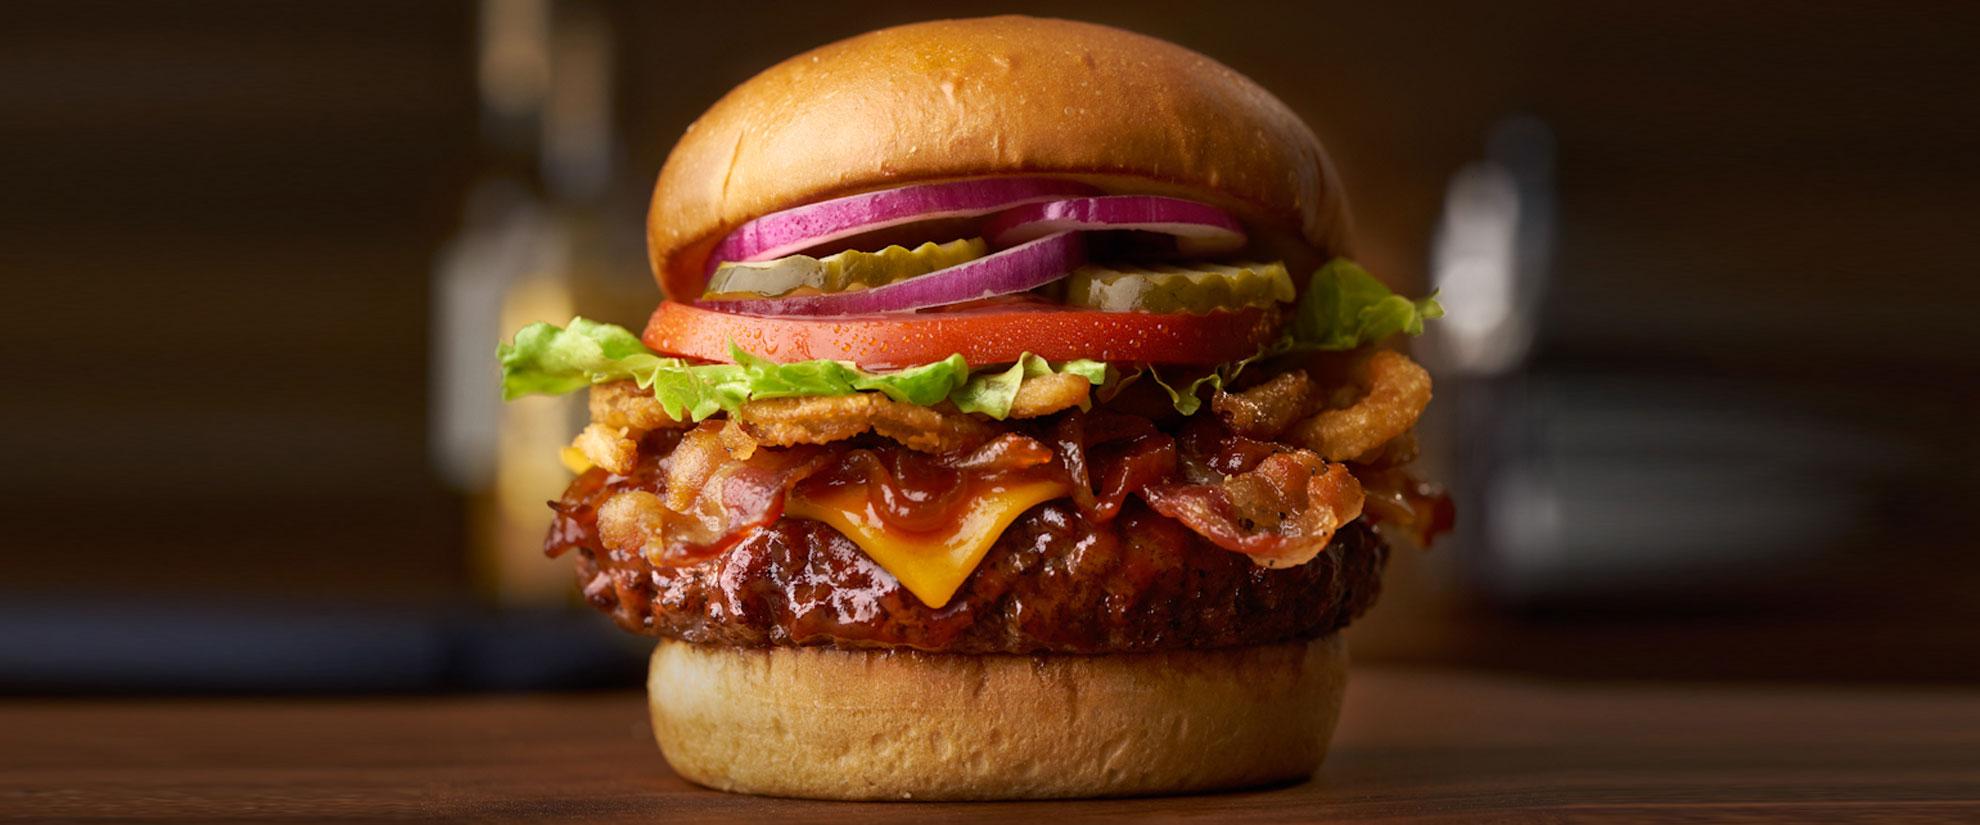 burger-1-1-1